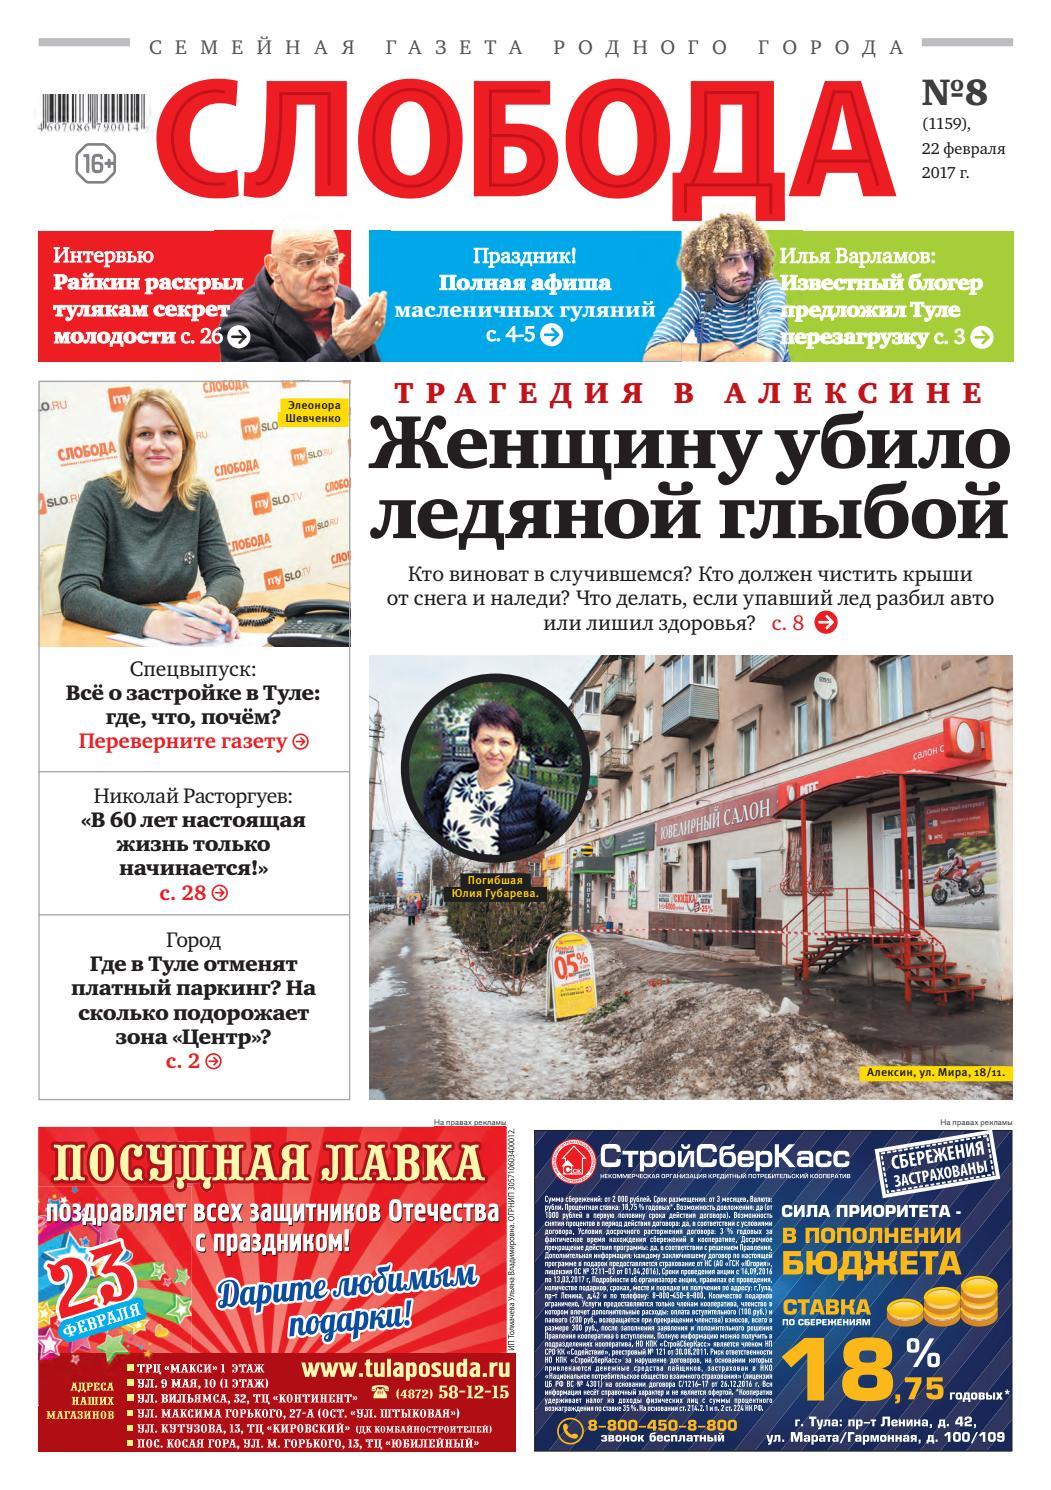 Слобода №8 (1159)  В Алексине женщину убило ледяной глыбой by Газета